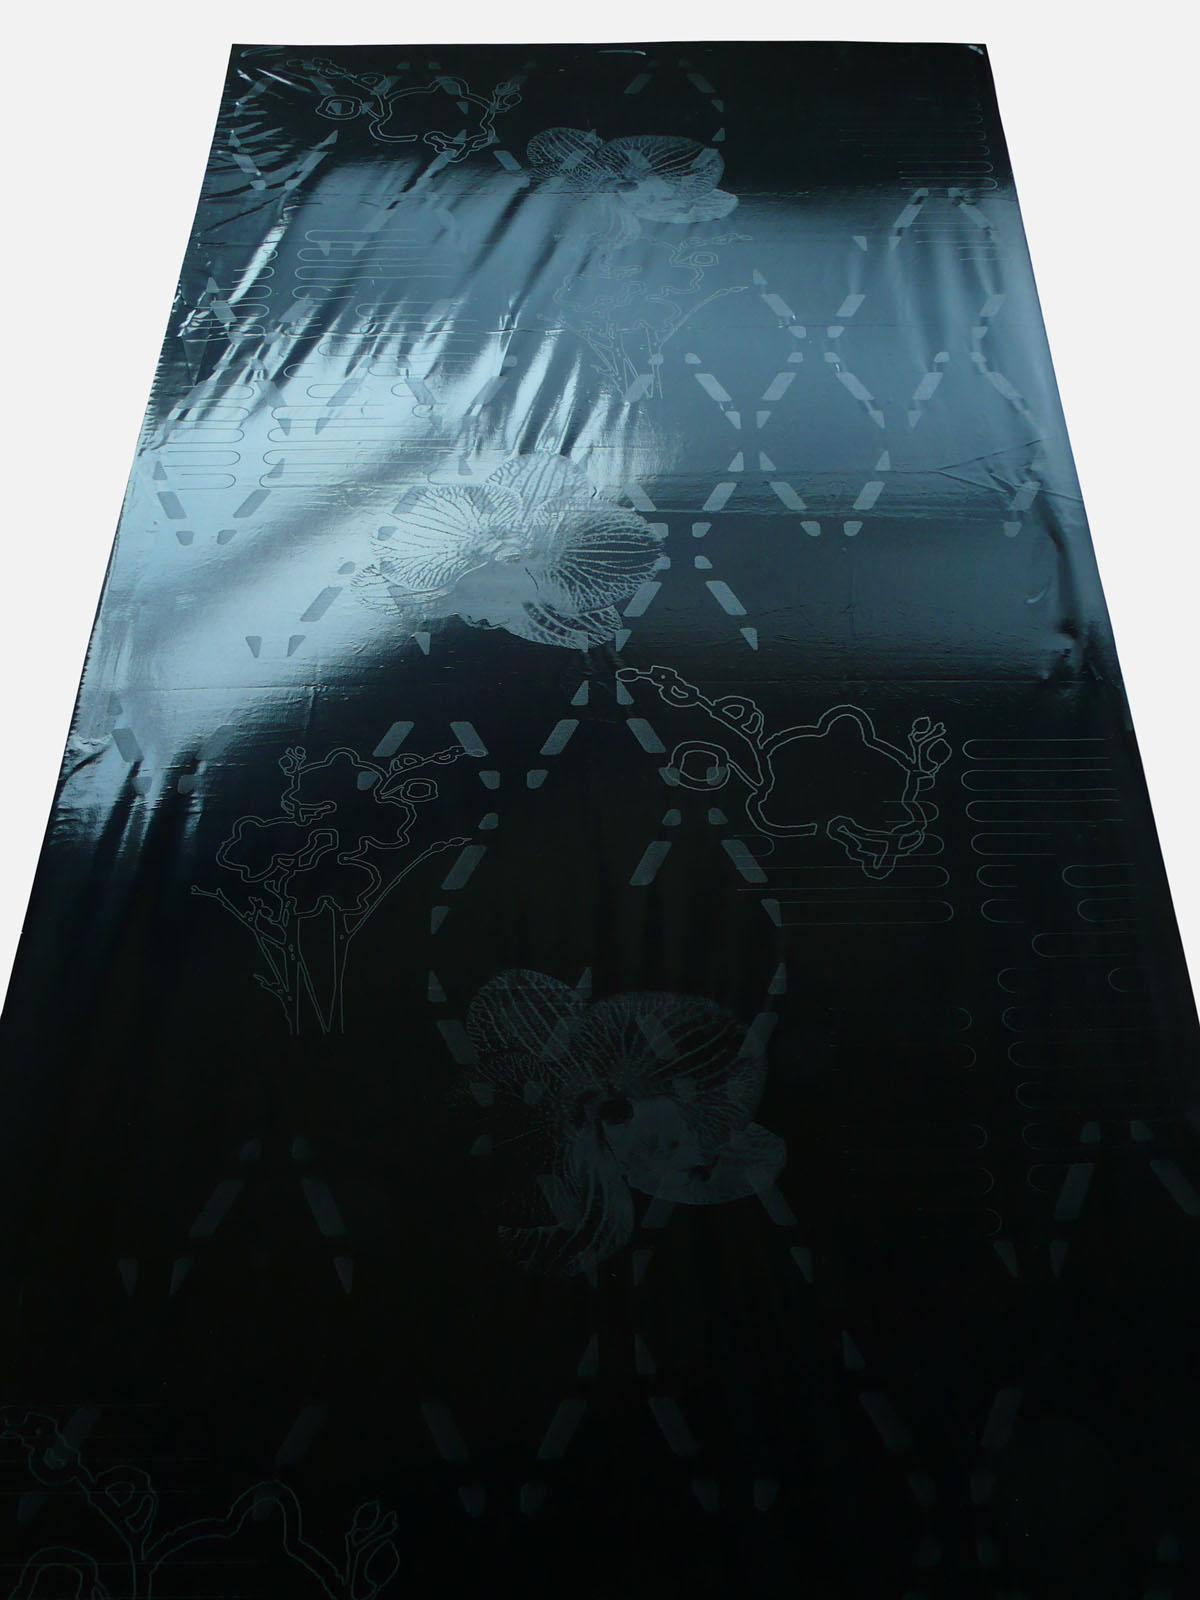 Laser engraving for the Dutch Textielmuseum